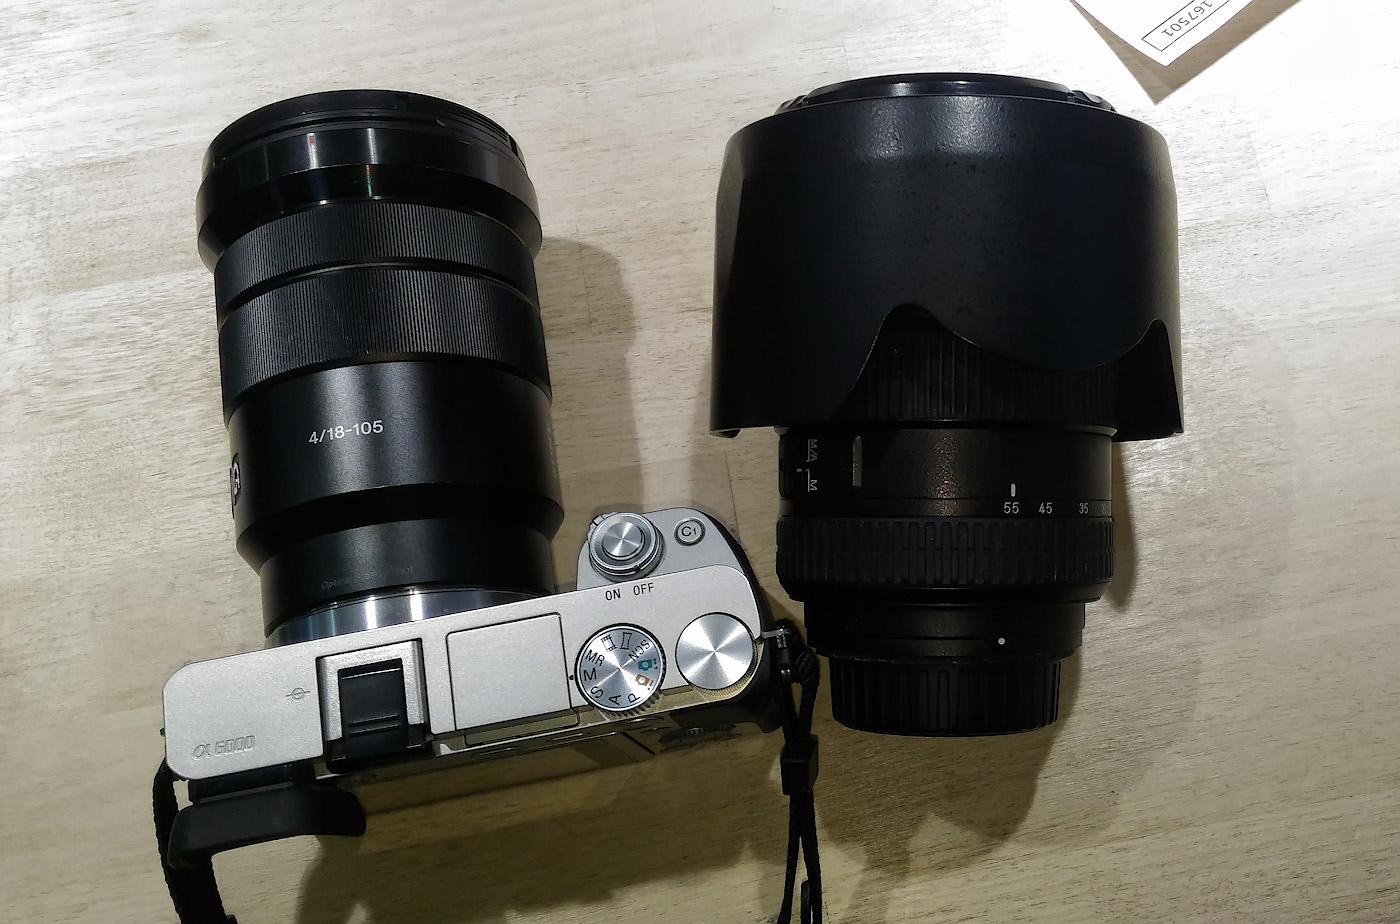 Фото 4. Объектив Sony 18-105mm f/4 в сравнении с КИТовым Sony 16-50mm f/3.5-5.6, действительно, довольно большой. Но в сравнении со светосильным репортажником для КРОПнутых зеркалок Nikon18-55mm f/2.8, он - просто крошка. Смотрите, как он выглядит на тушке Sony A6000.